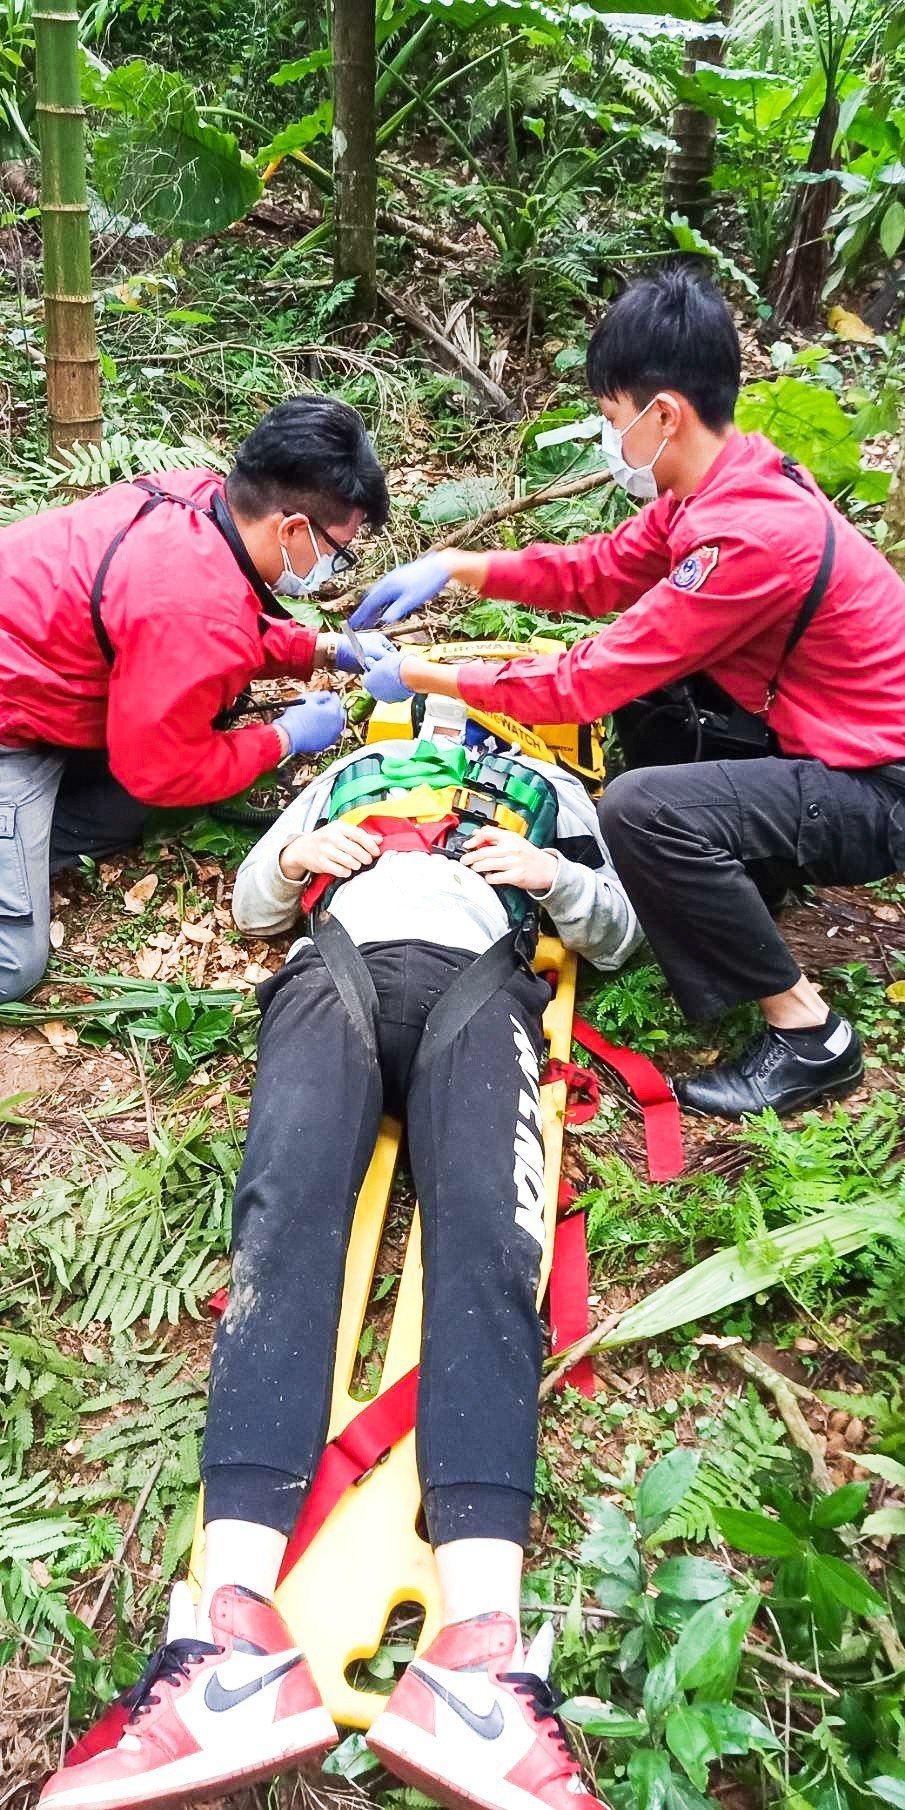 花蓮縣萬榮鄉今天上午8時30分,發生一起飛行傘墜落意外。記者蔡翼謙/翻攝